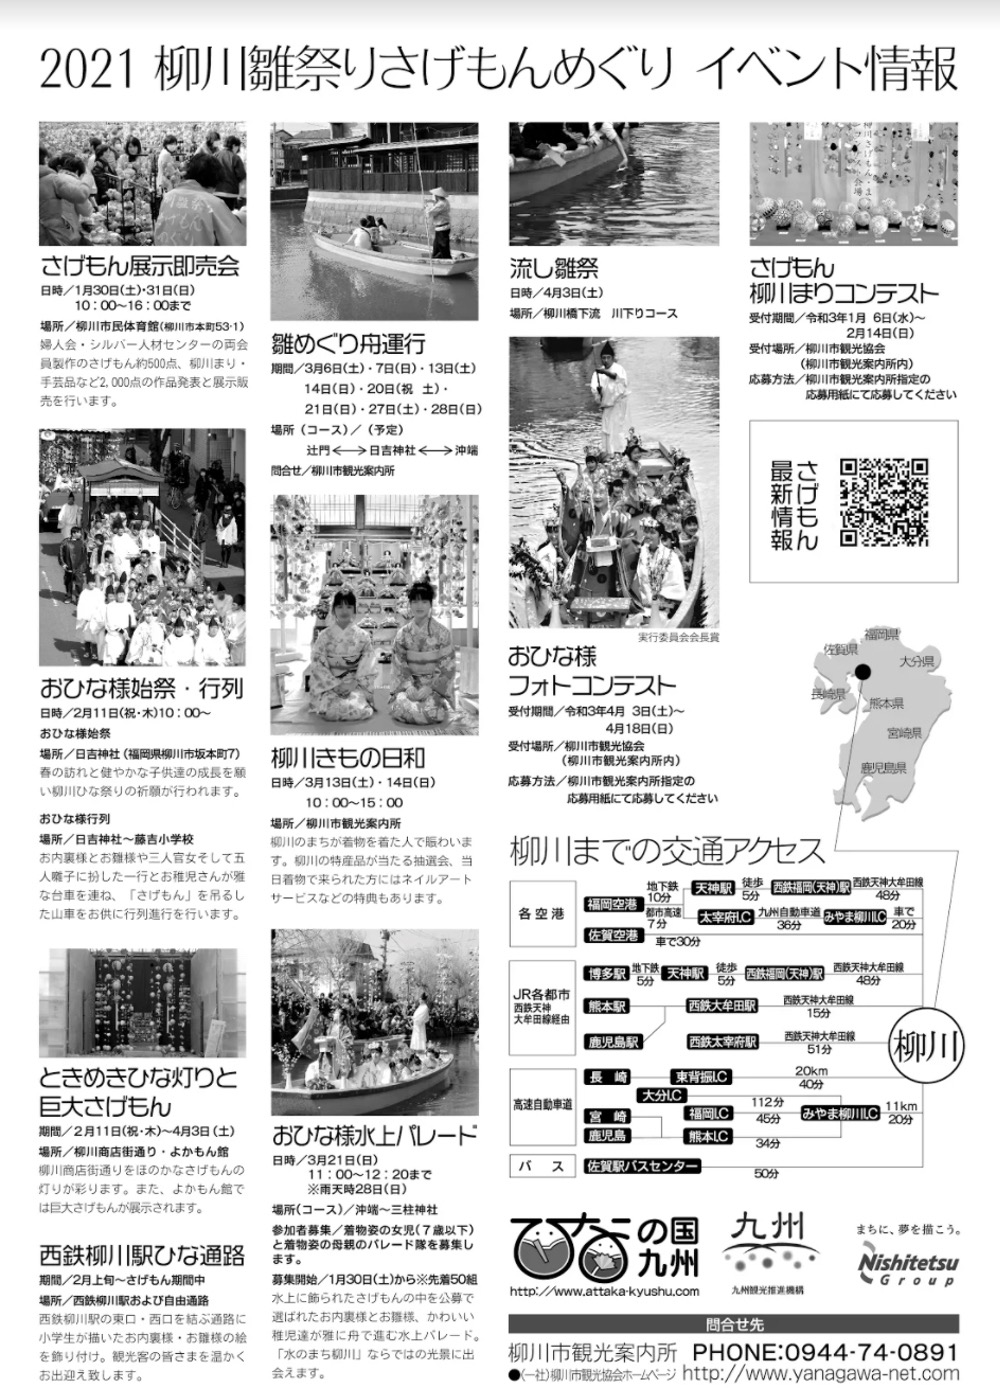 2021年 柳川雛祭り さげもんめぐり 主なイベント内容